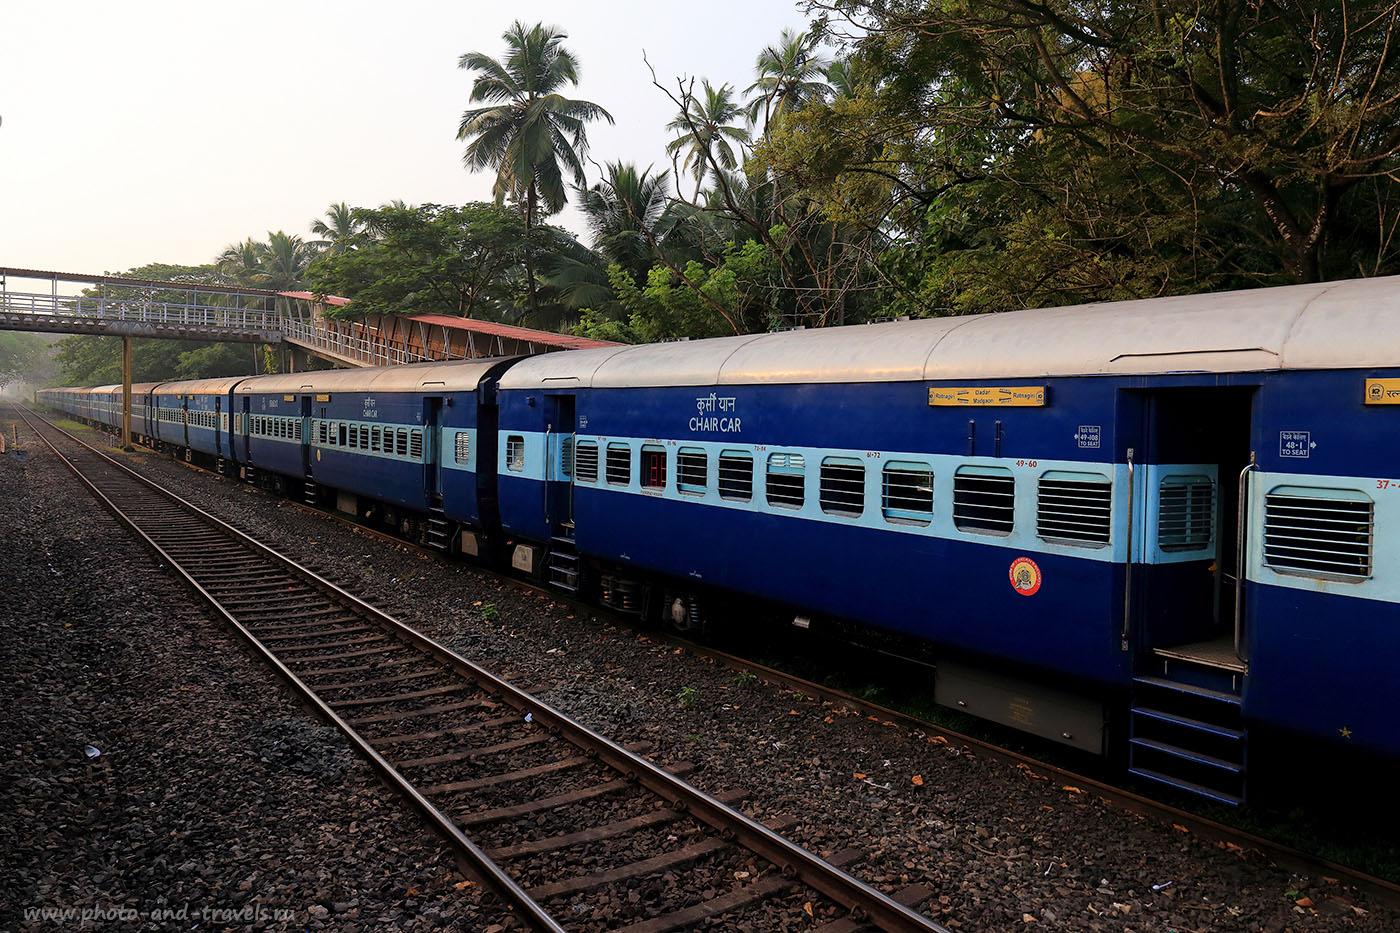 Фото 10. Поезд на путях. Отзыв о самостоятельных экскурсиях в Индии. (24-70, 1/800, -1eV, f7/1, 26mm, ISO 500)